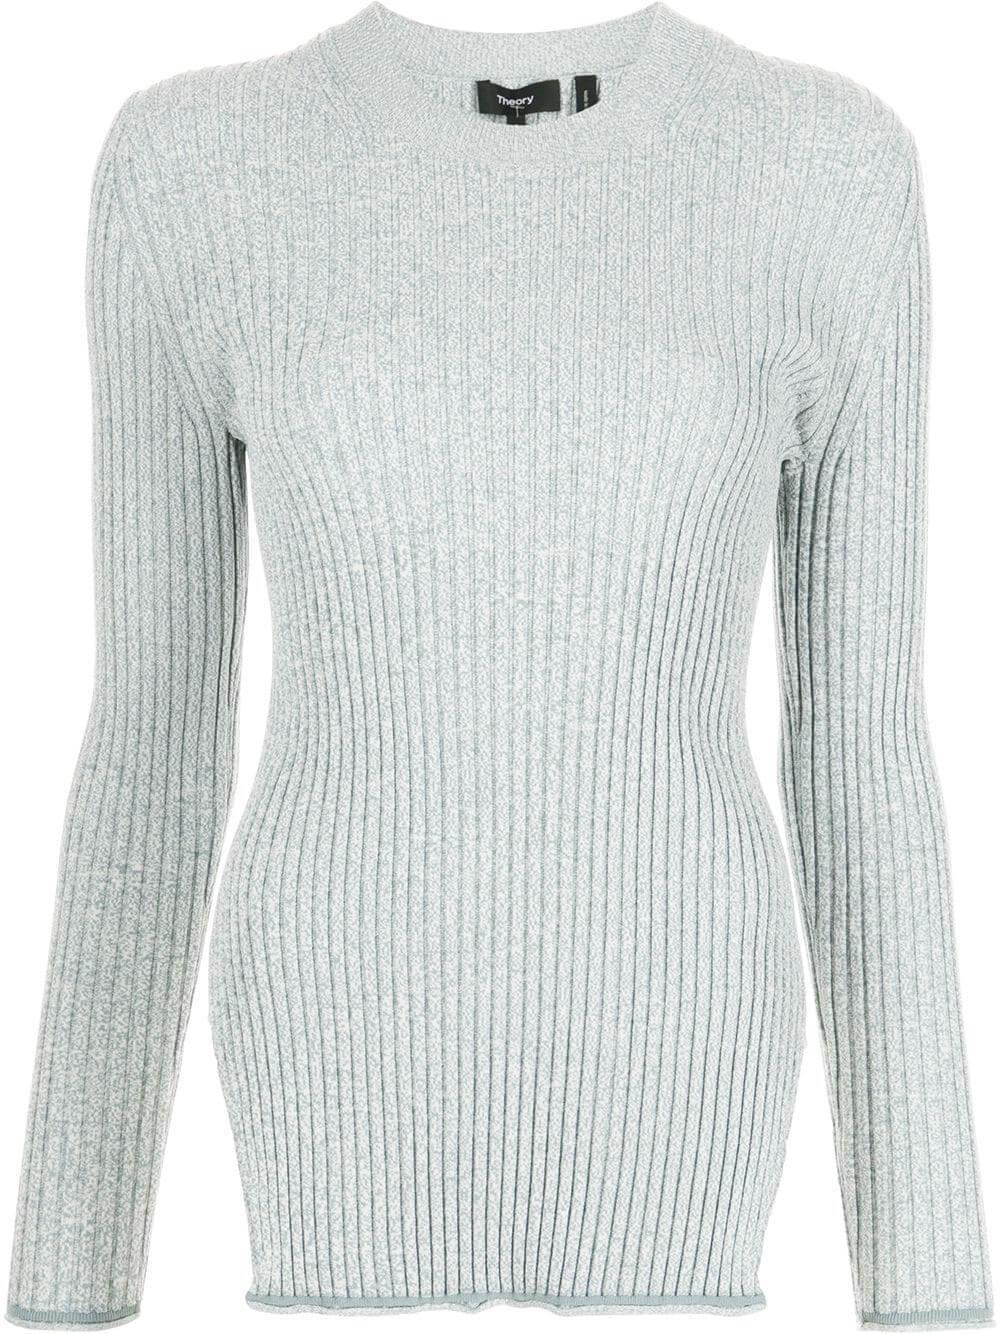 Mouline Rib Knit Sweater Item # L0116715